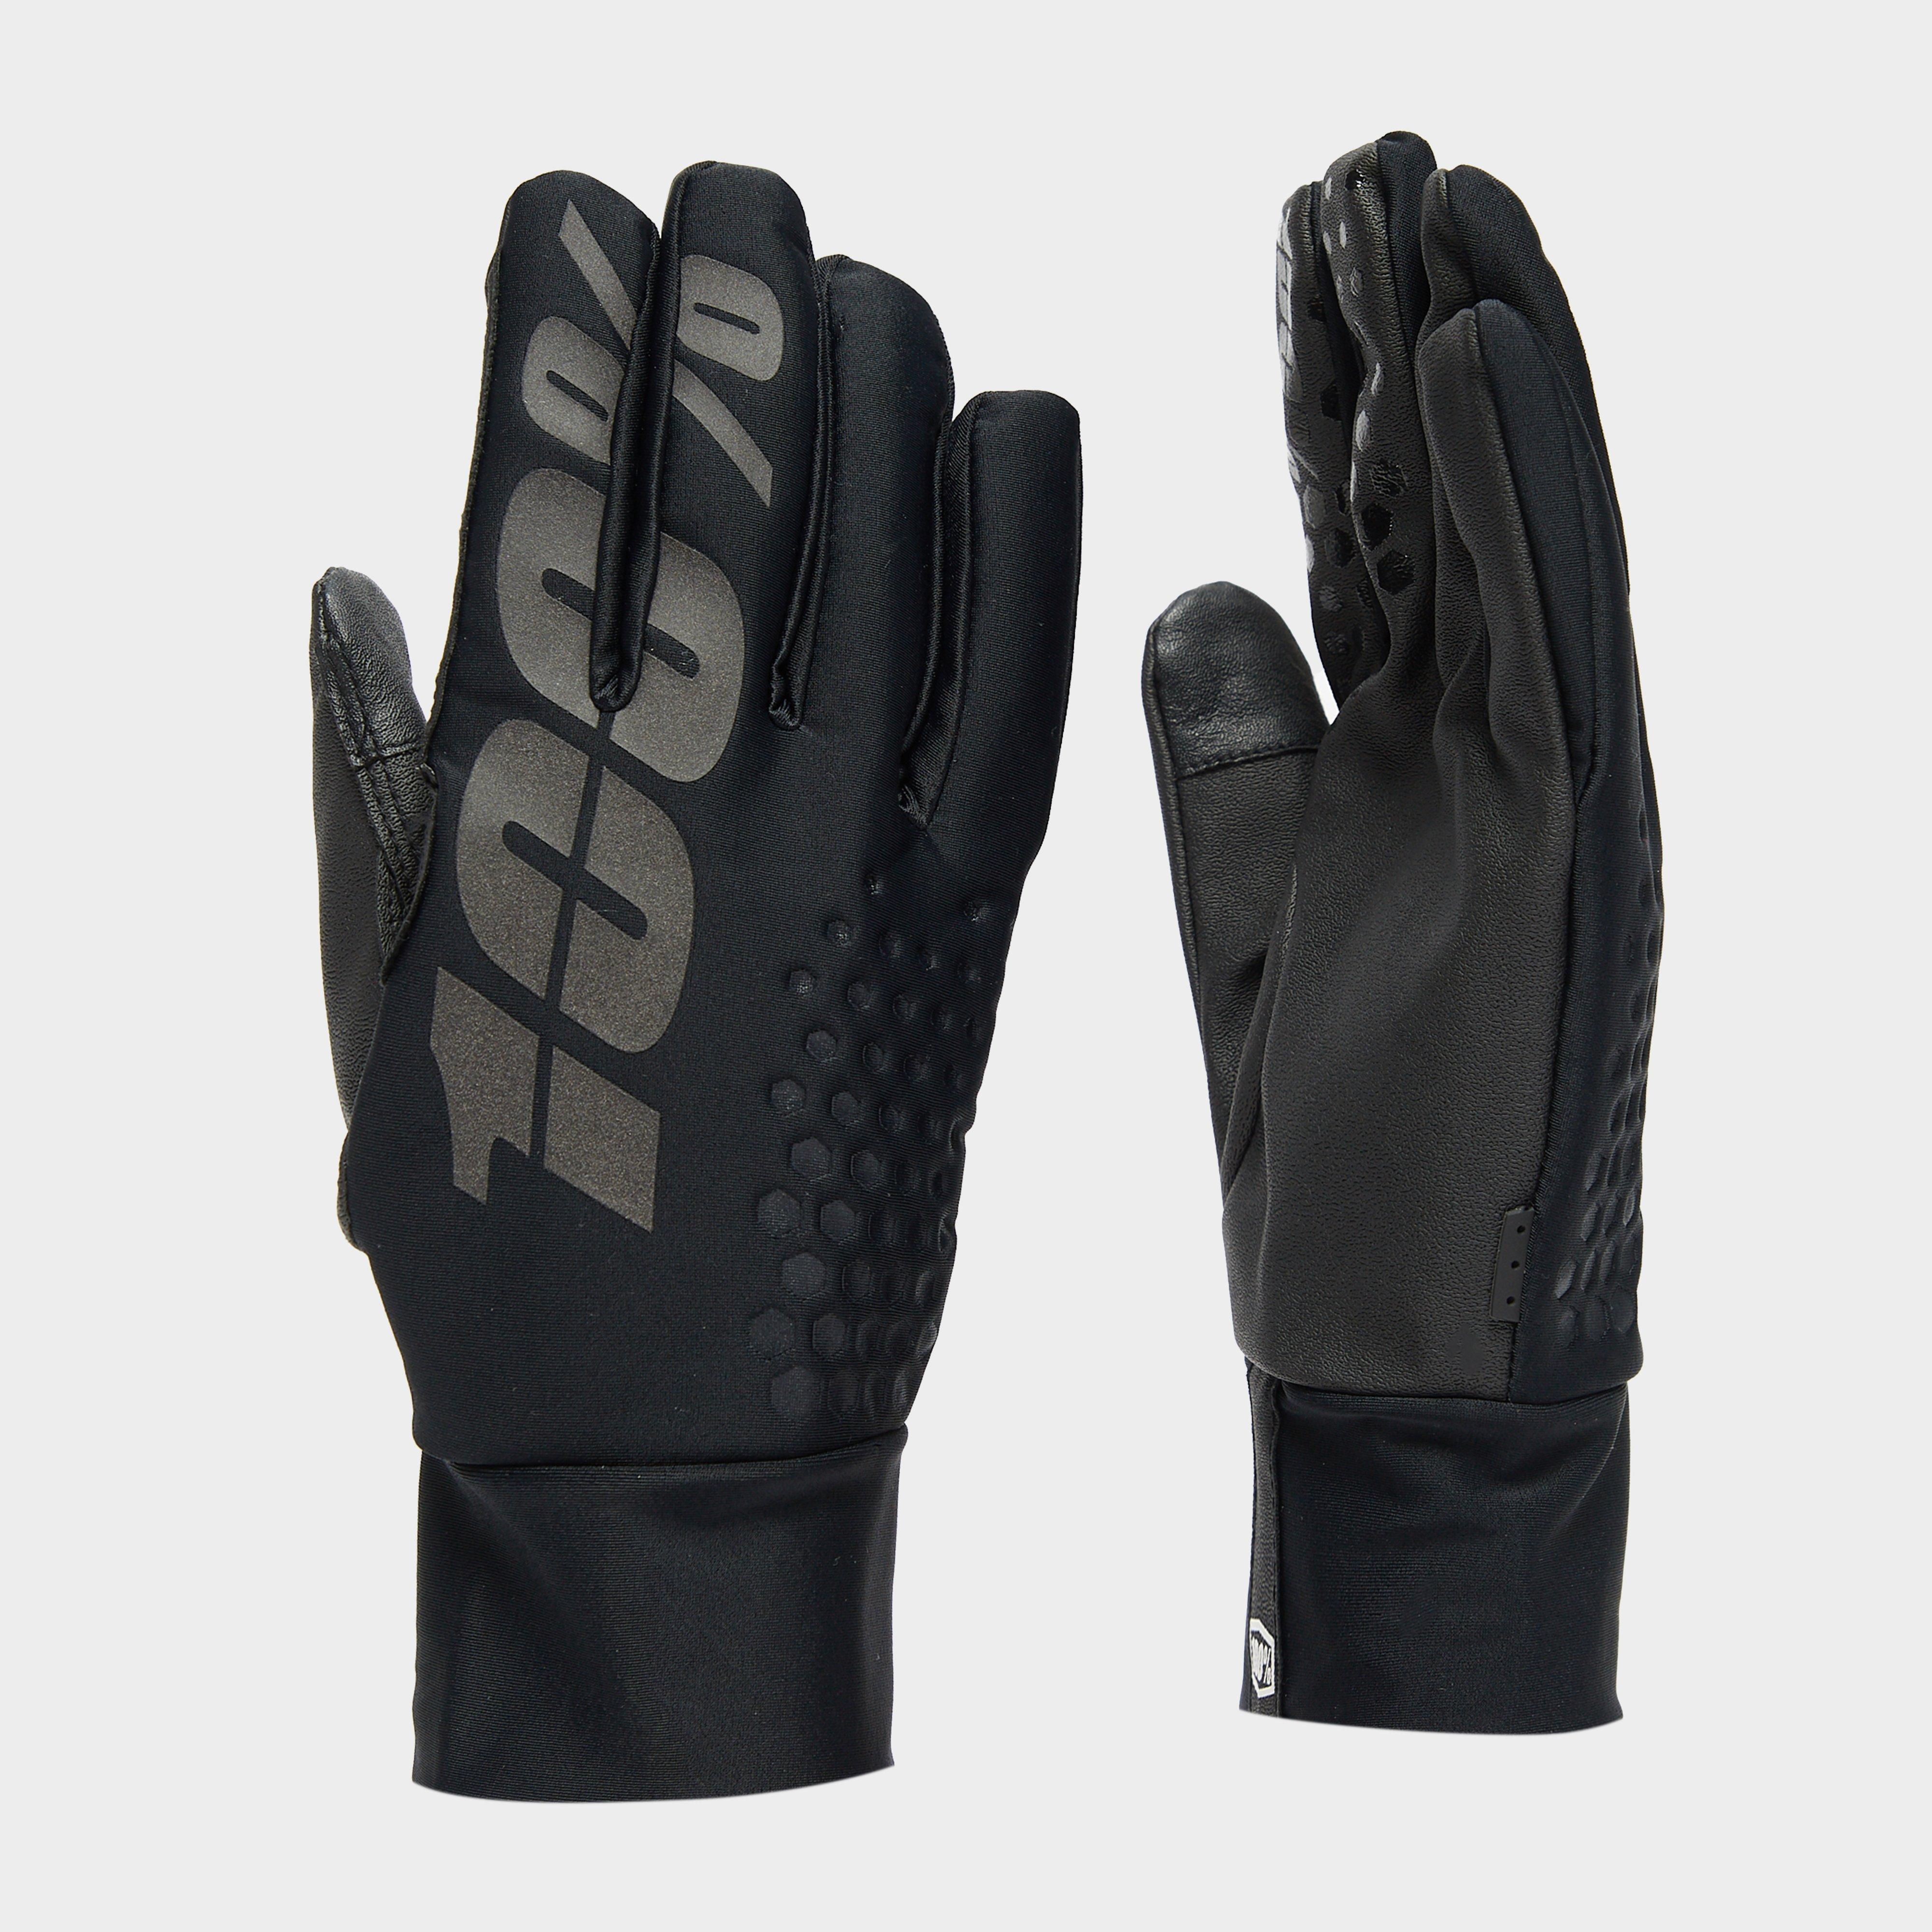 100% Men's Brisker Hydromatic Waterproof Gloves - Black/Blk, Black